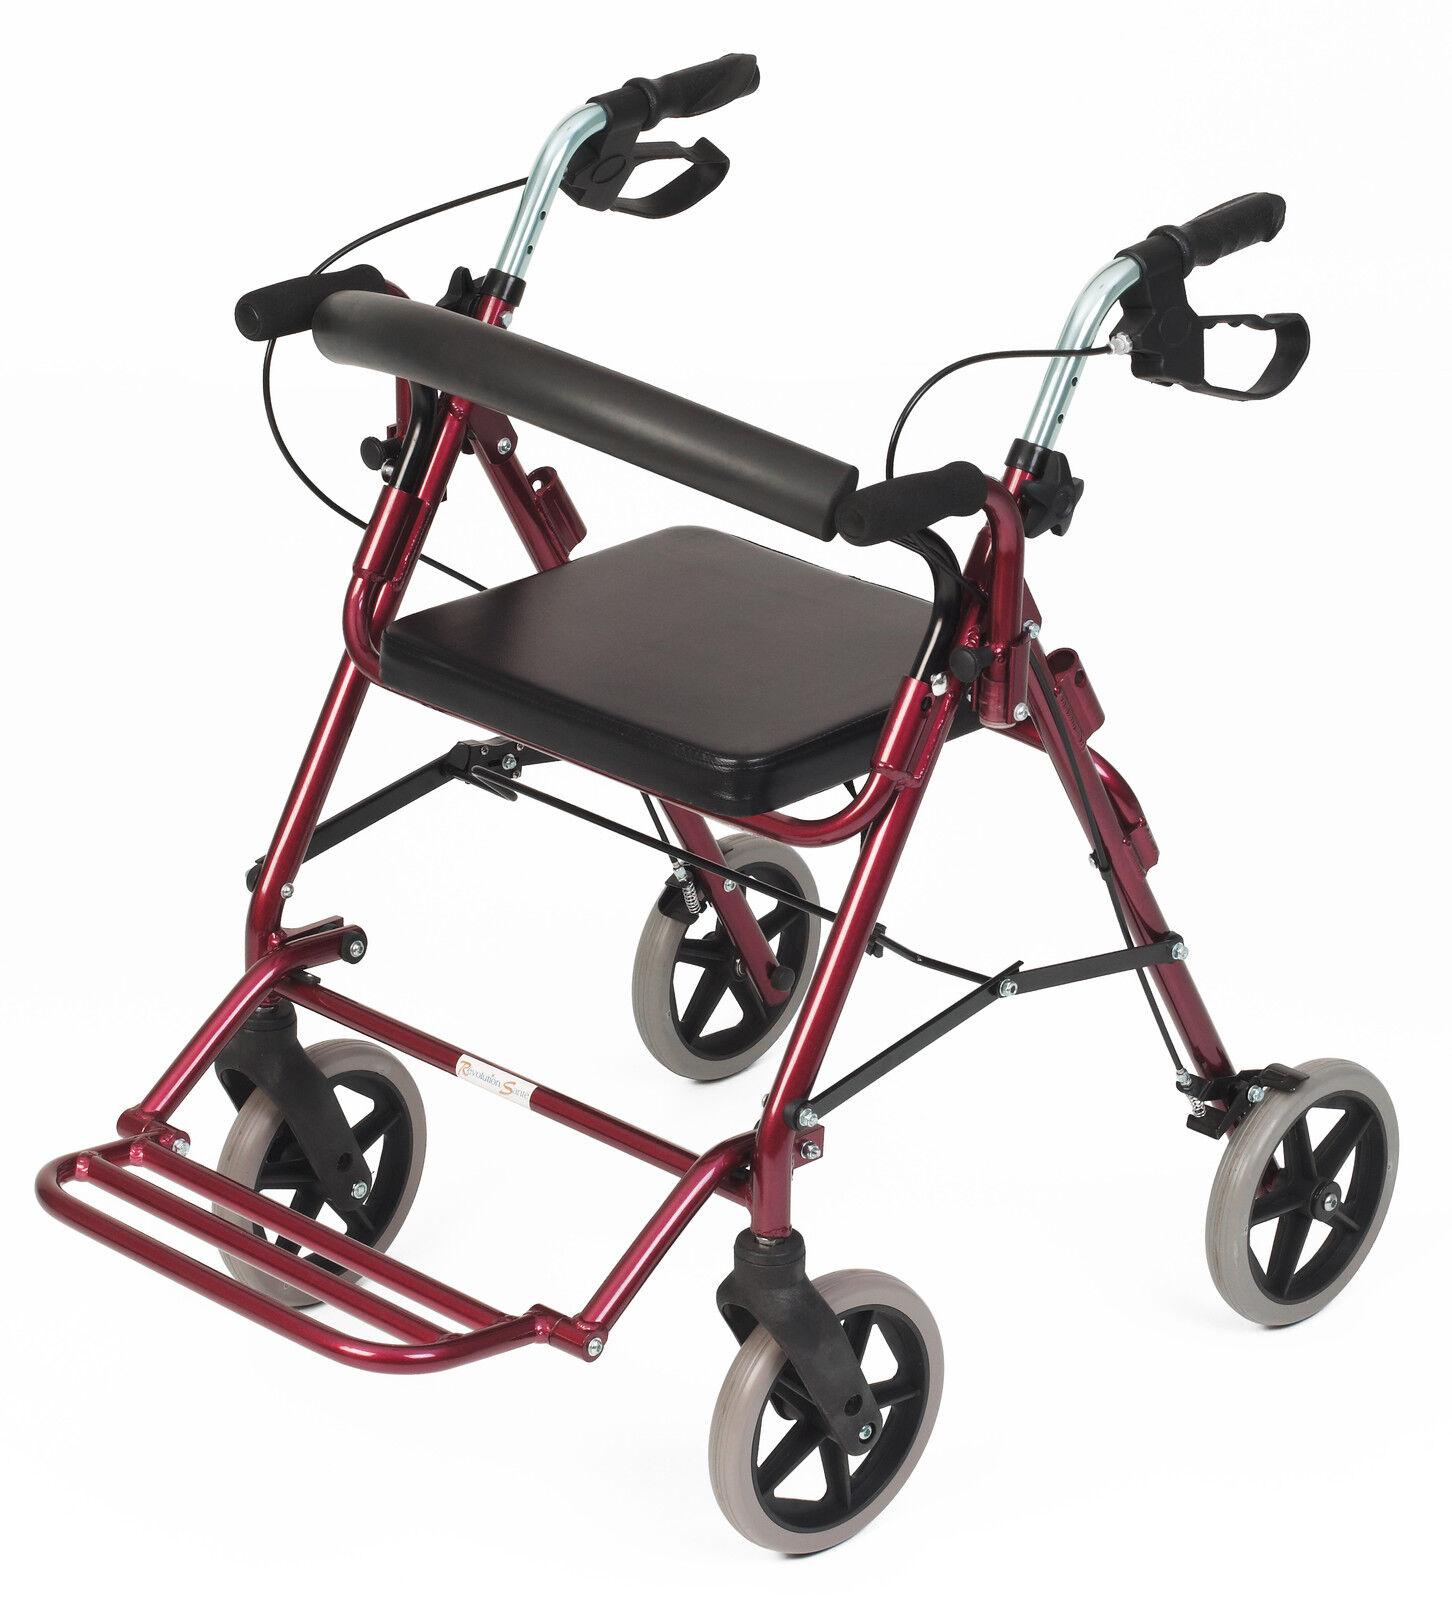 Médical mobilité handicapé Beauté et santé